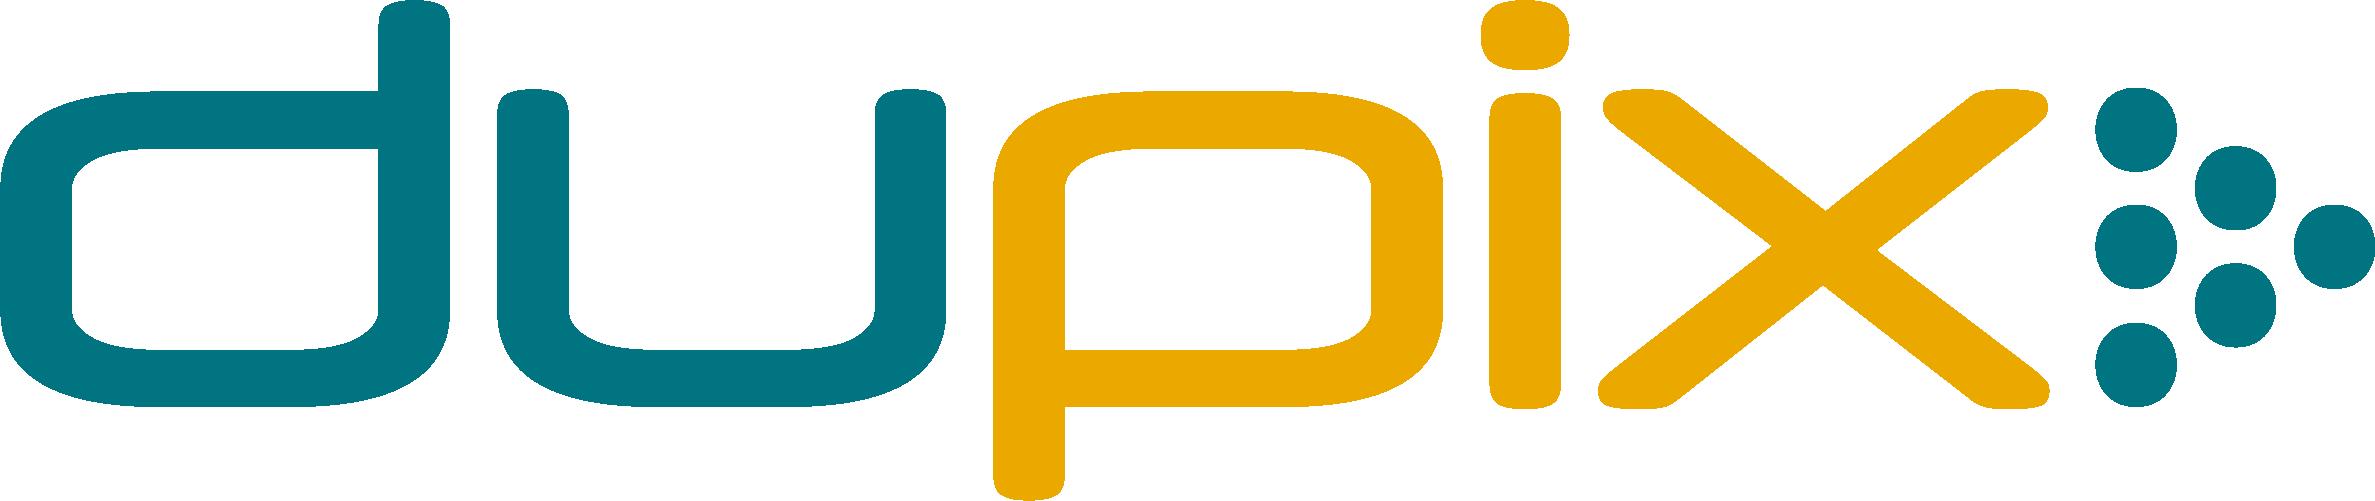 dupix logo Uppdaterade färger 2020 (1)